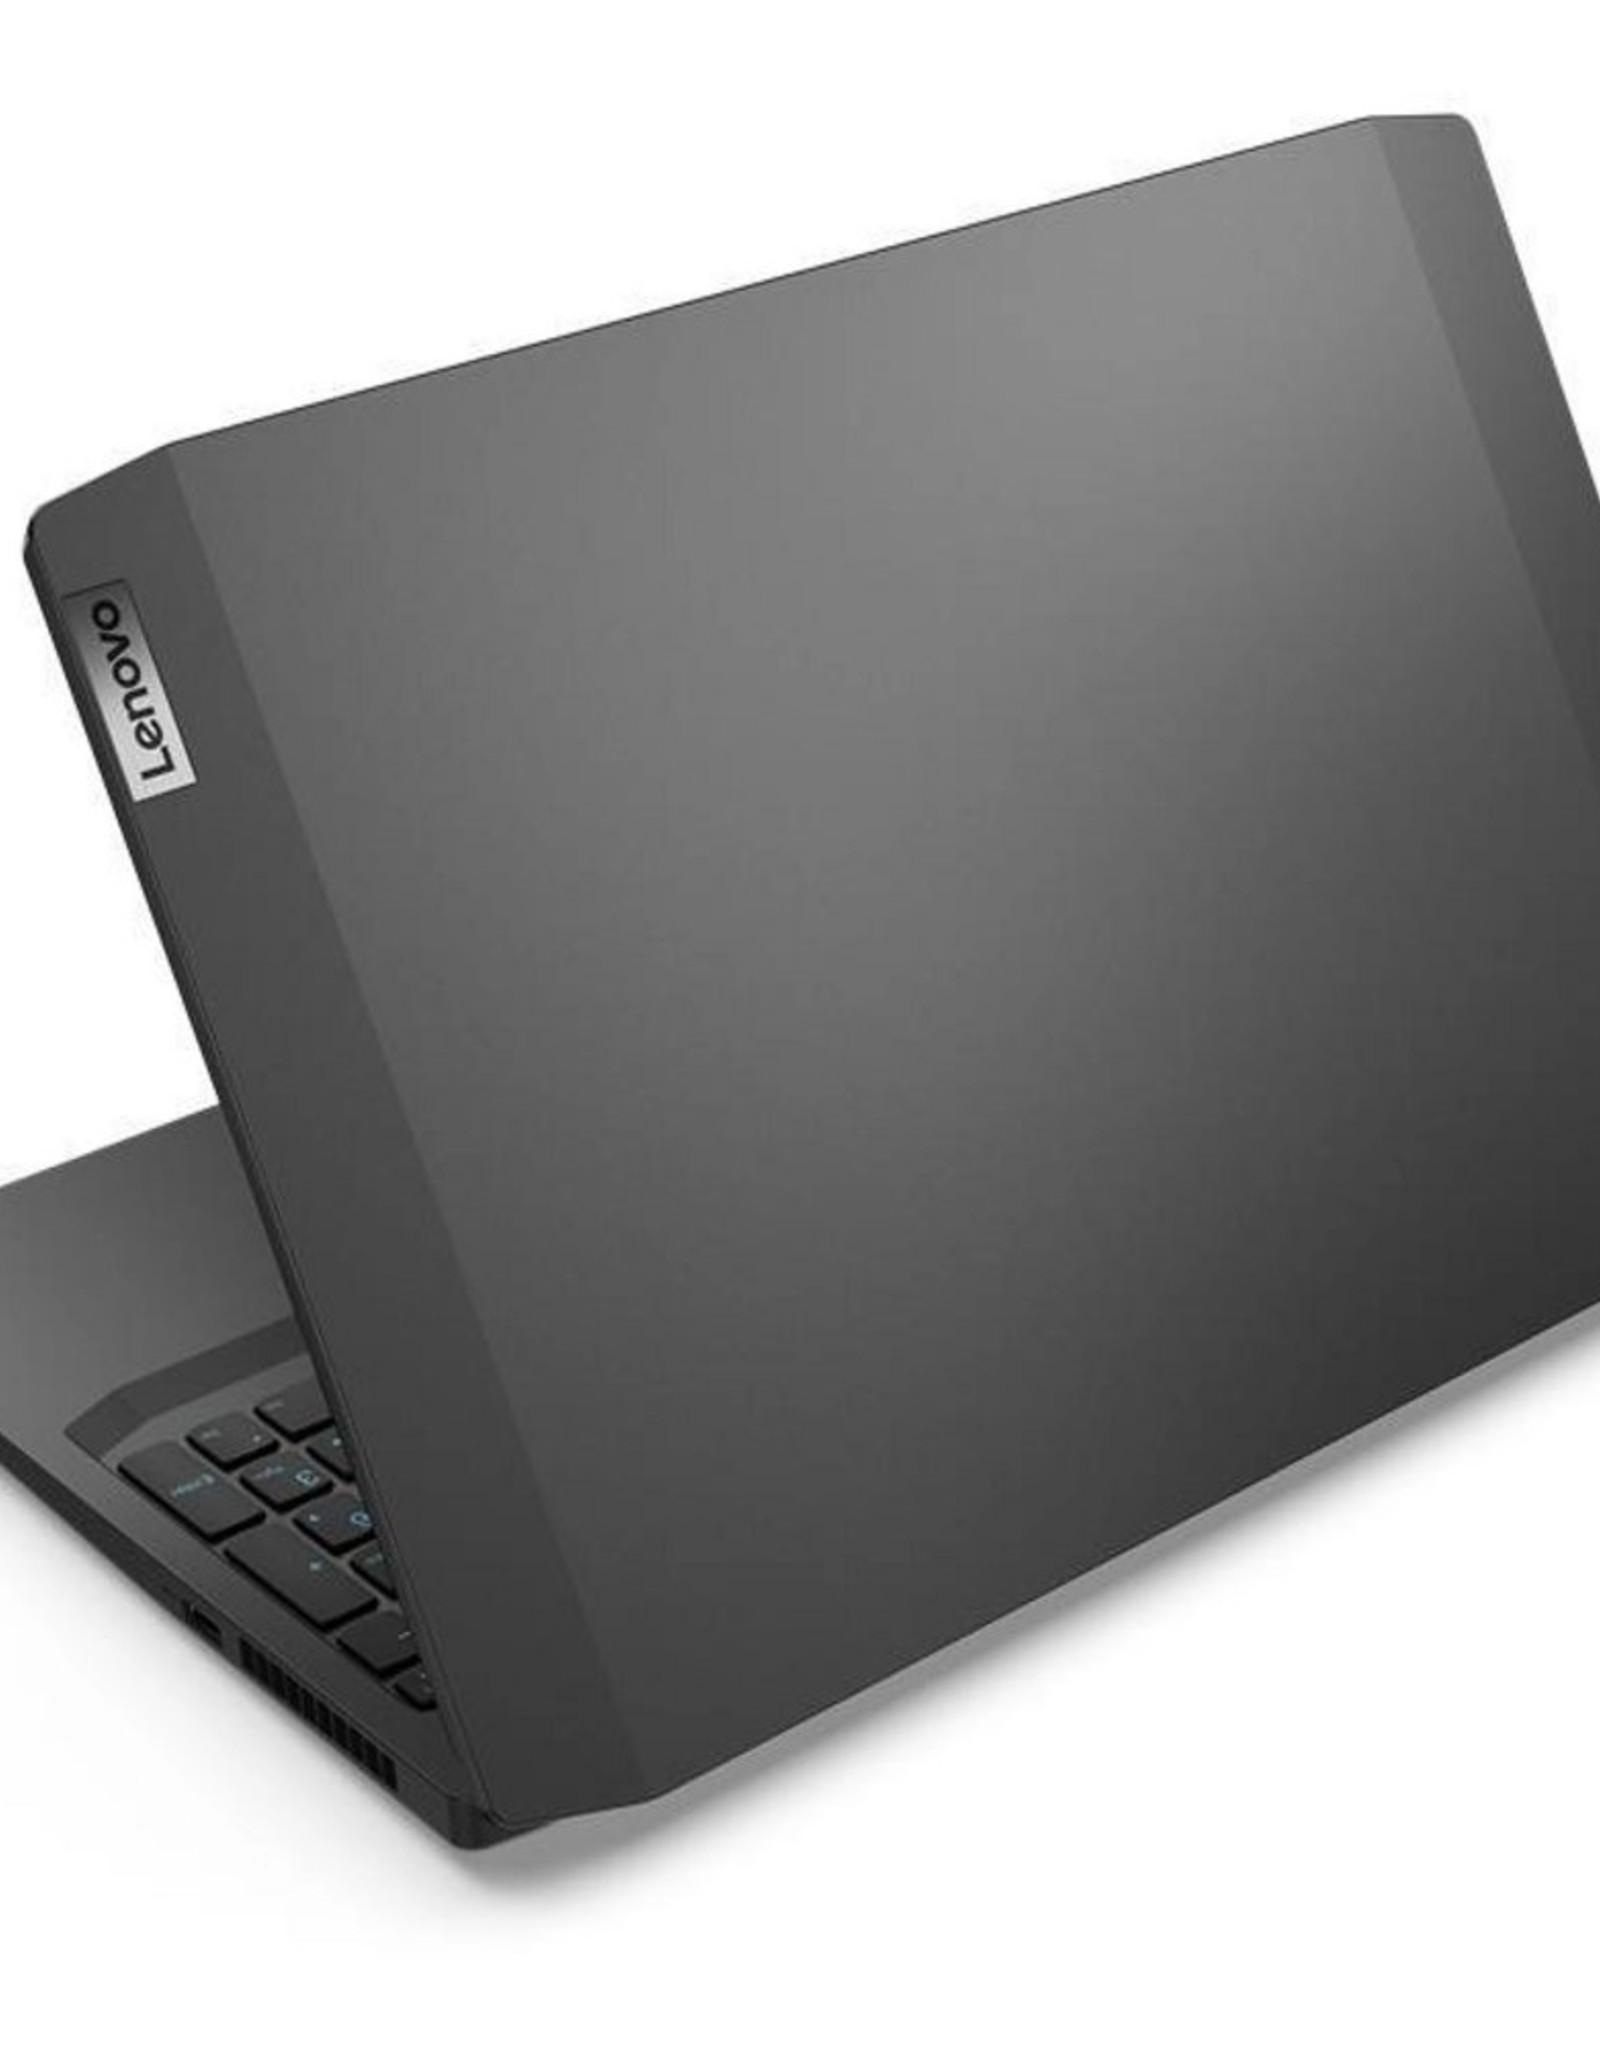 GAMING 15.6 I5-10300H / 16GB / 256GB / GTX 1650 W10